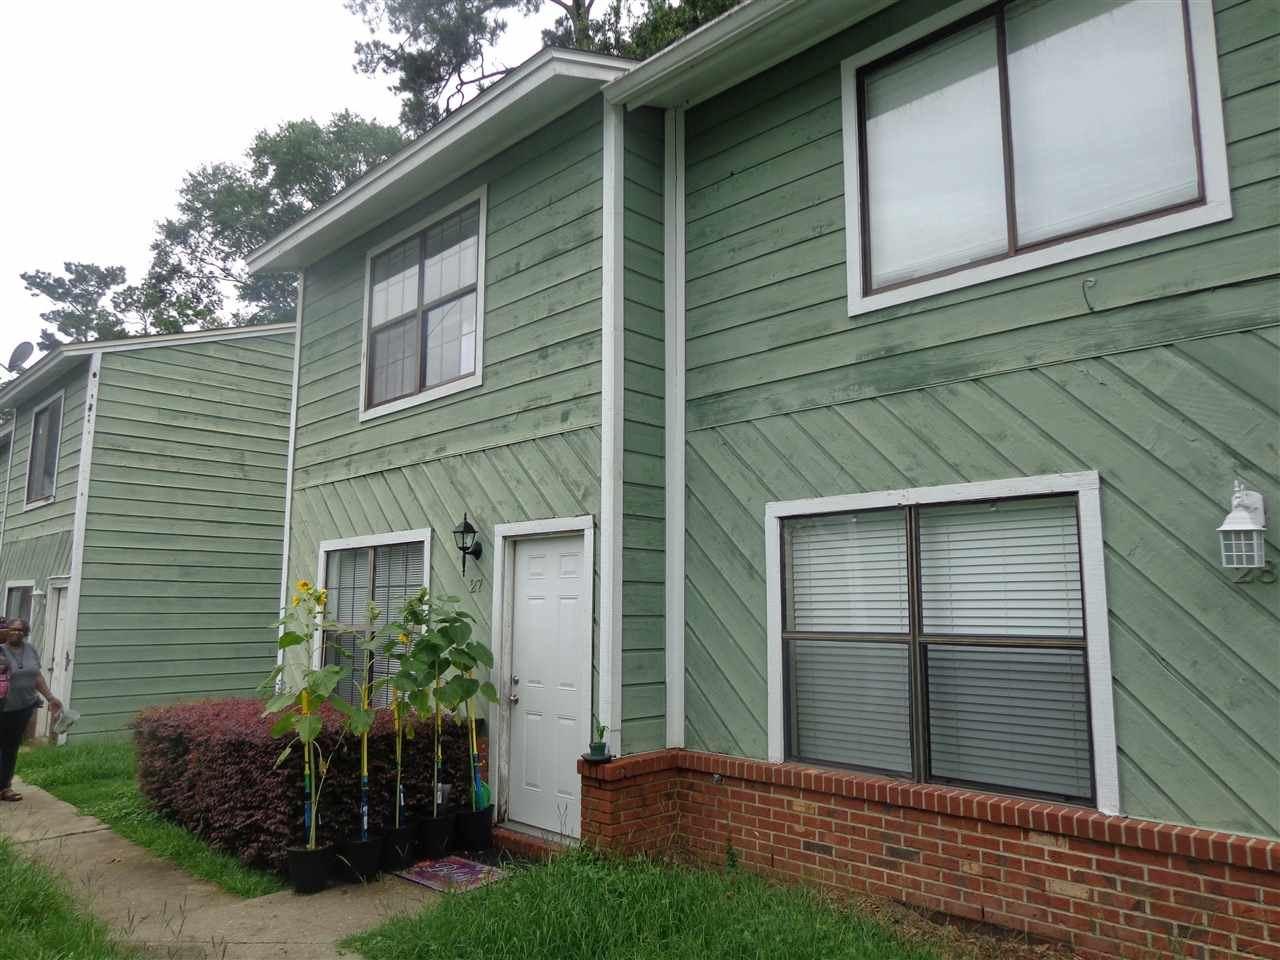 Photo of 301 S Lipona Road #27, TALLAHASSEE, FL 32304 (MLS # 335353)